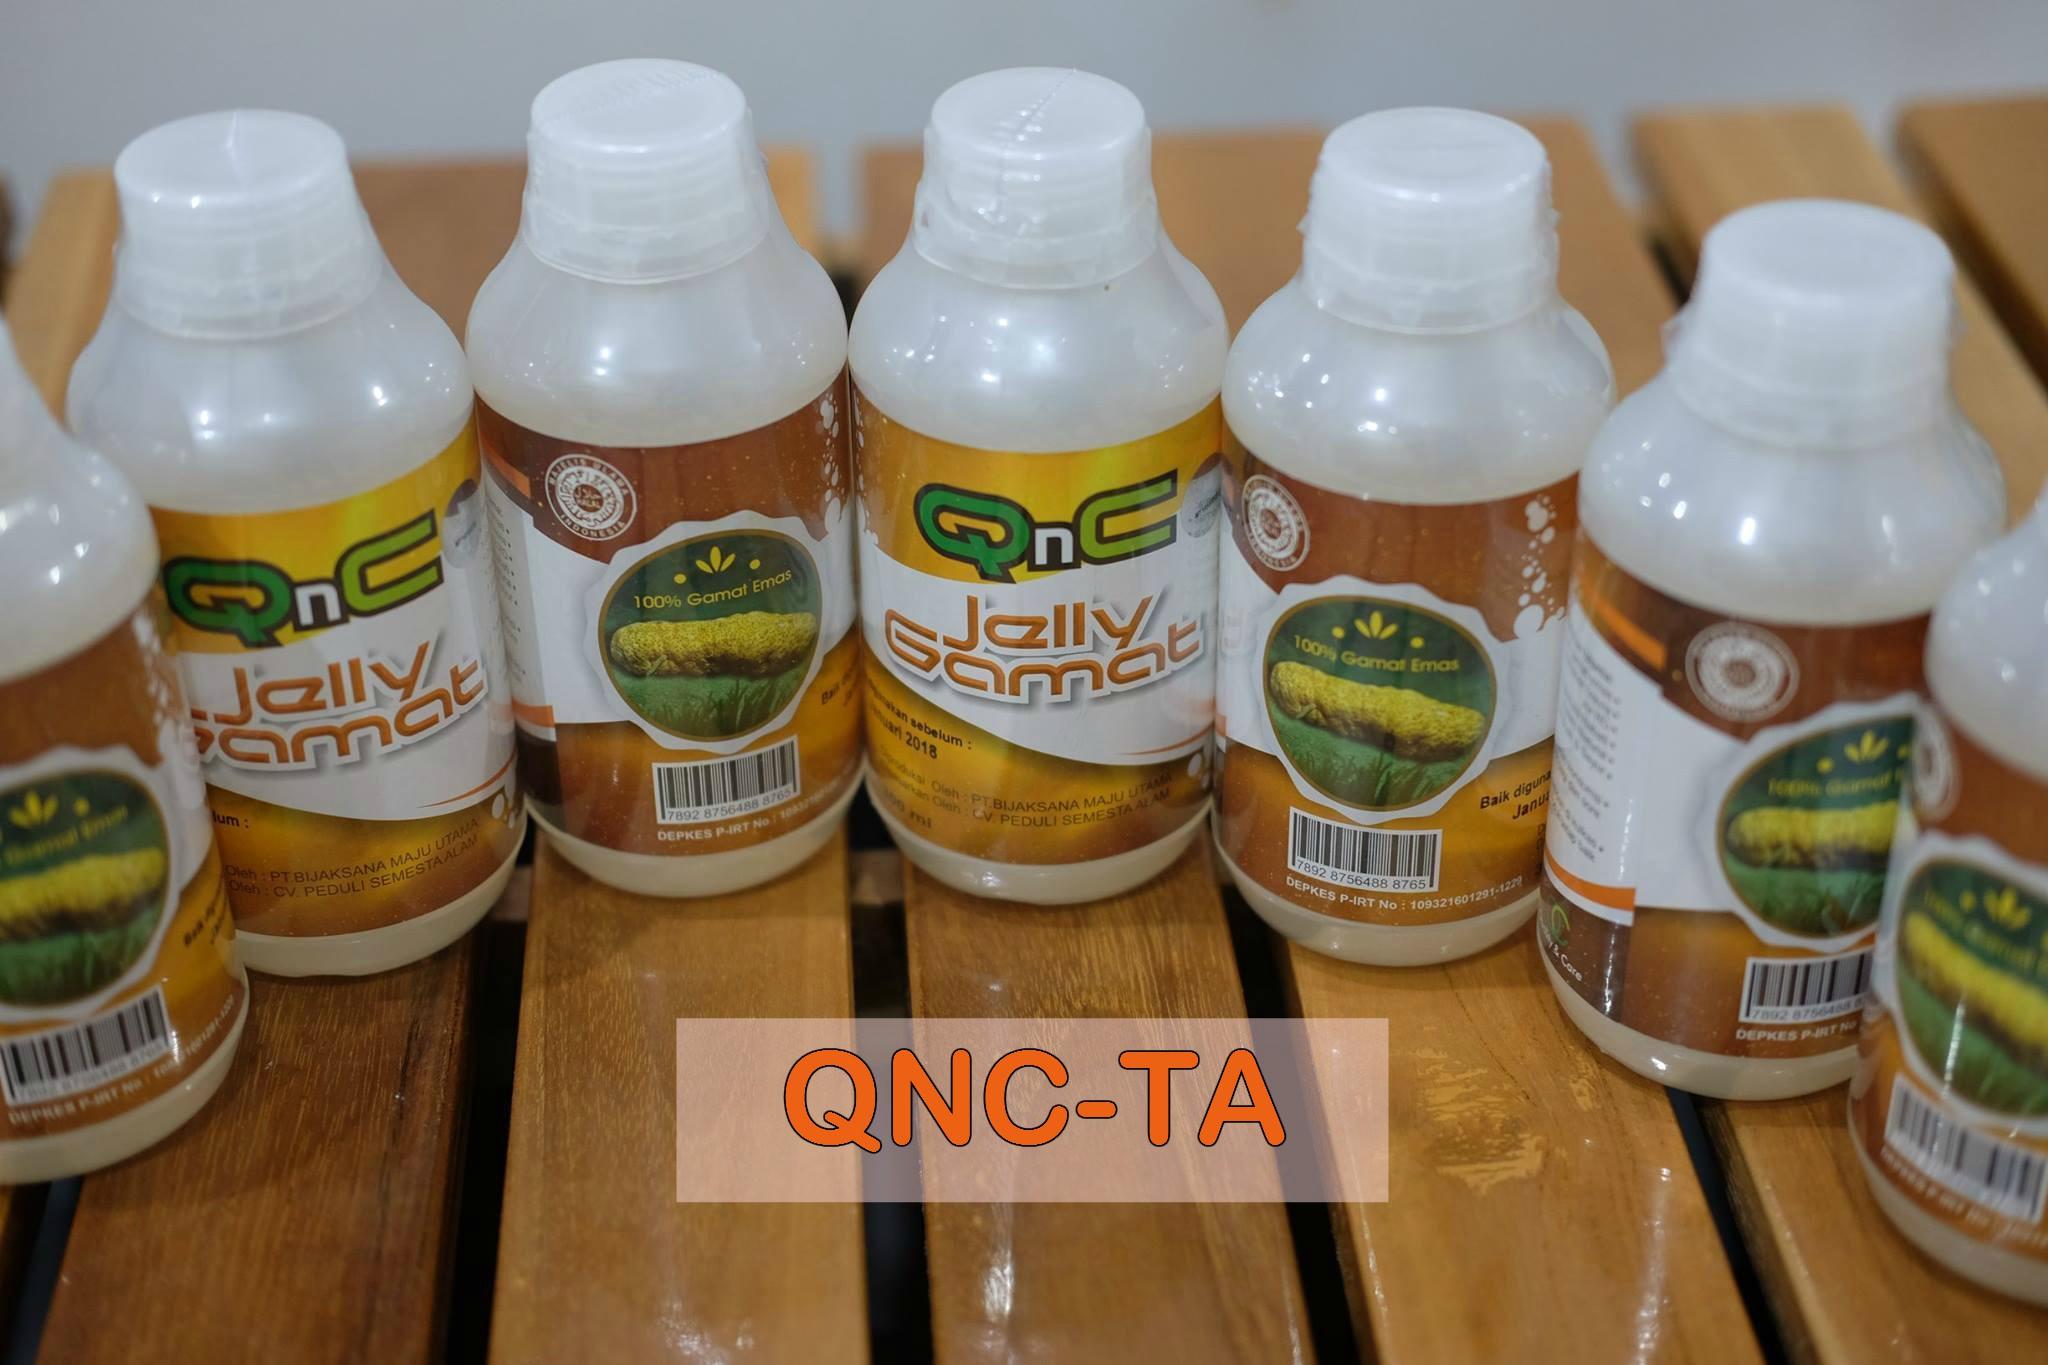 Pengobatan maag kronis dengan QNC Jelly Gamat hingga sembuh total